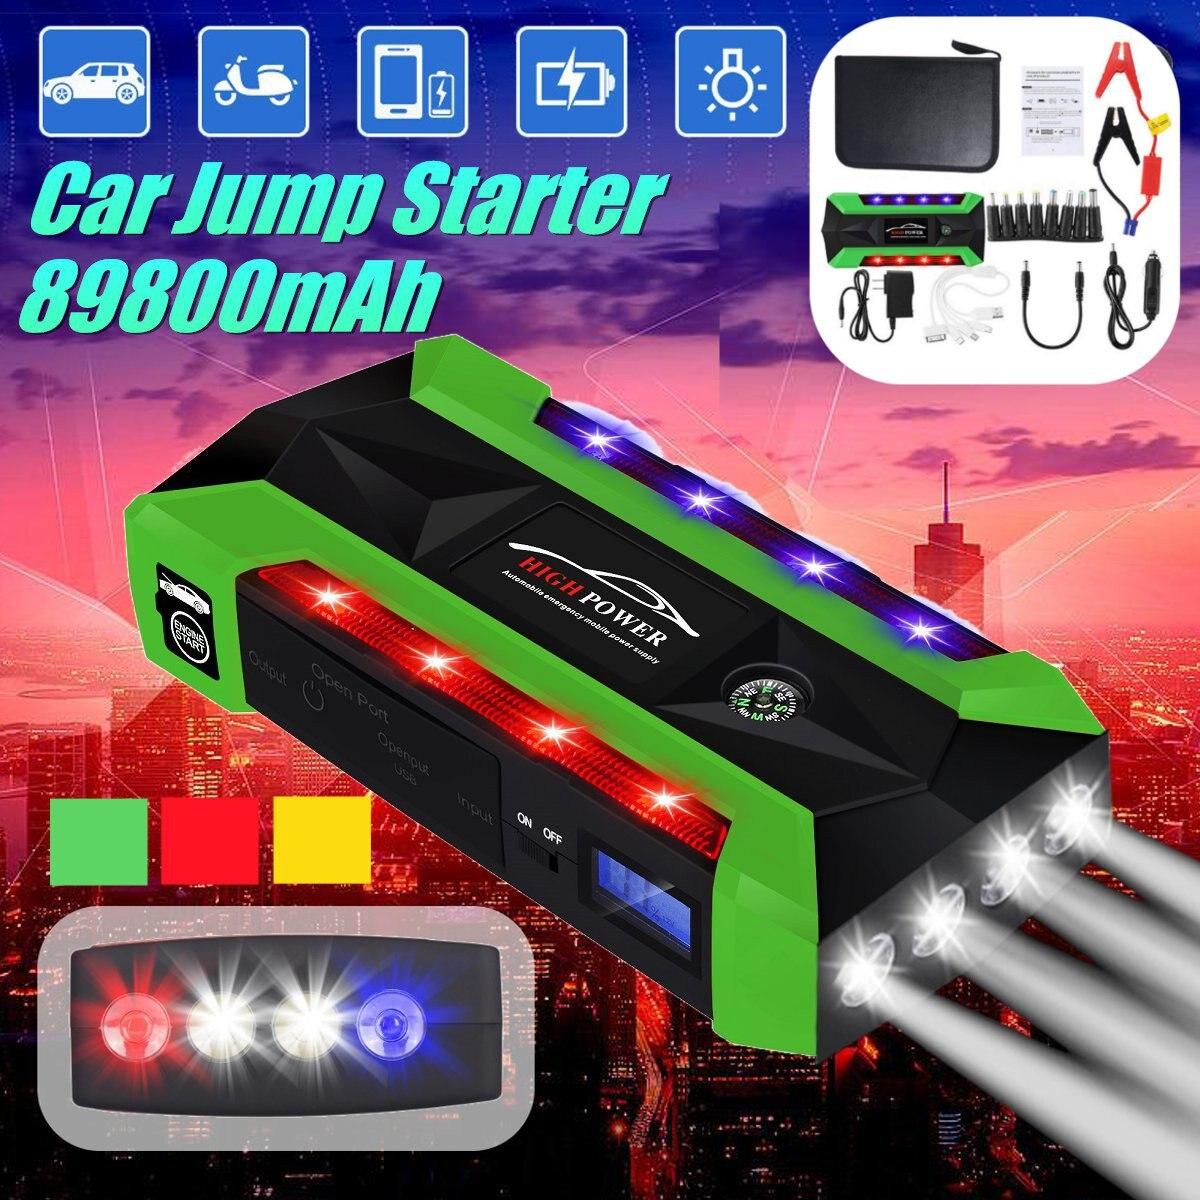 89800 mAh multi-fonction de démarrage de batterie de voiture de secours démarrage cavalier meilleur démarreur de saut de voiture chargeur de voiture Portable haute puissance